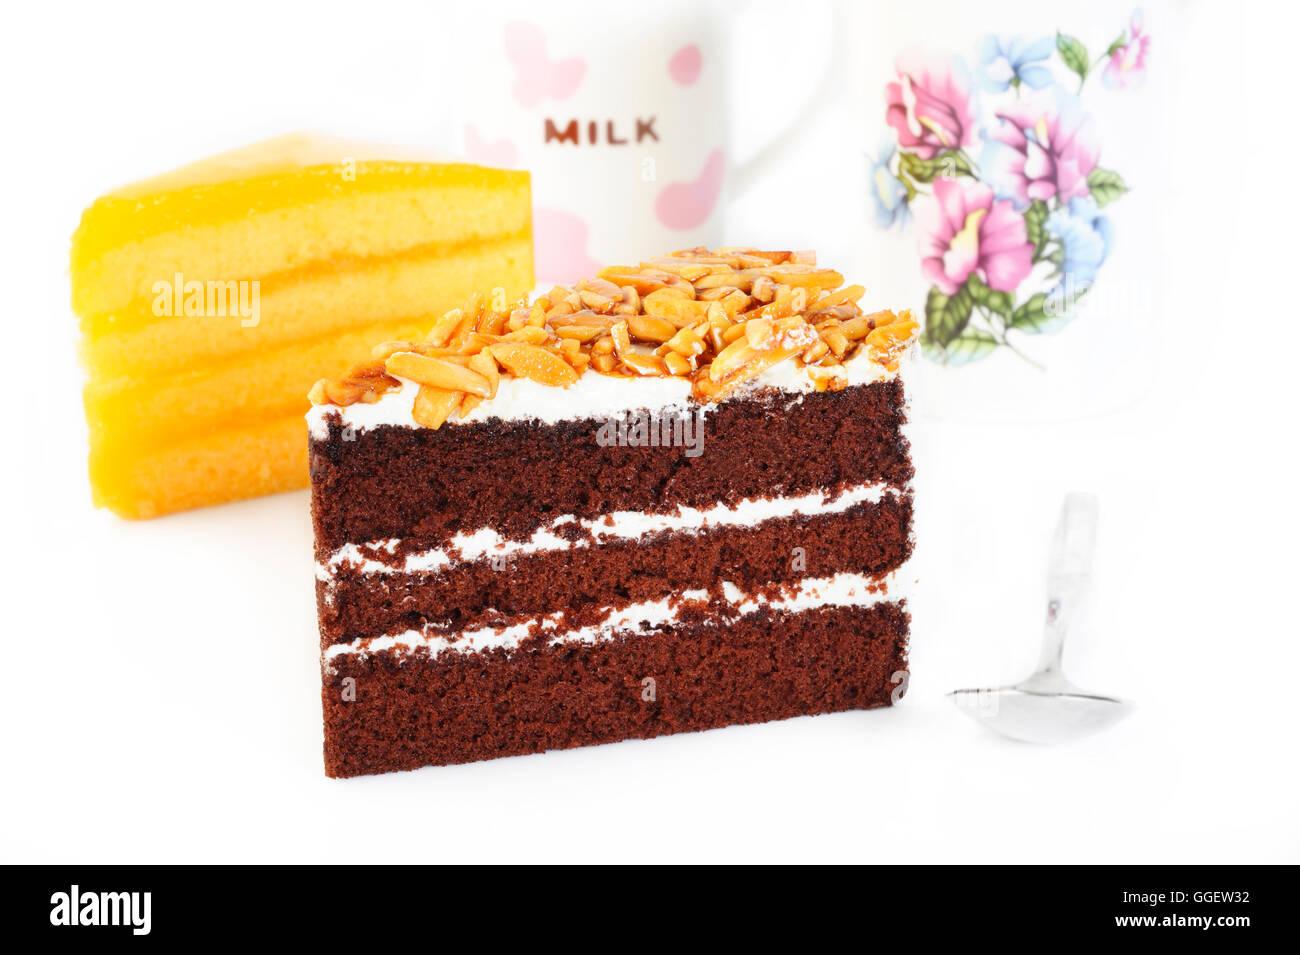 Gâteau au chocolat et amandes Photo Stock